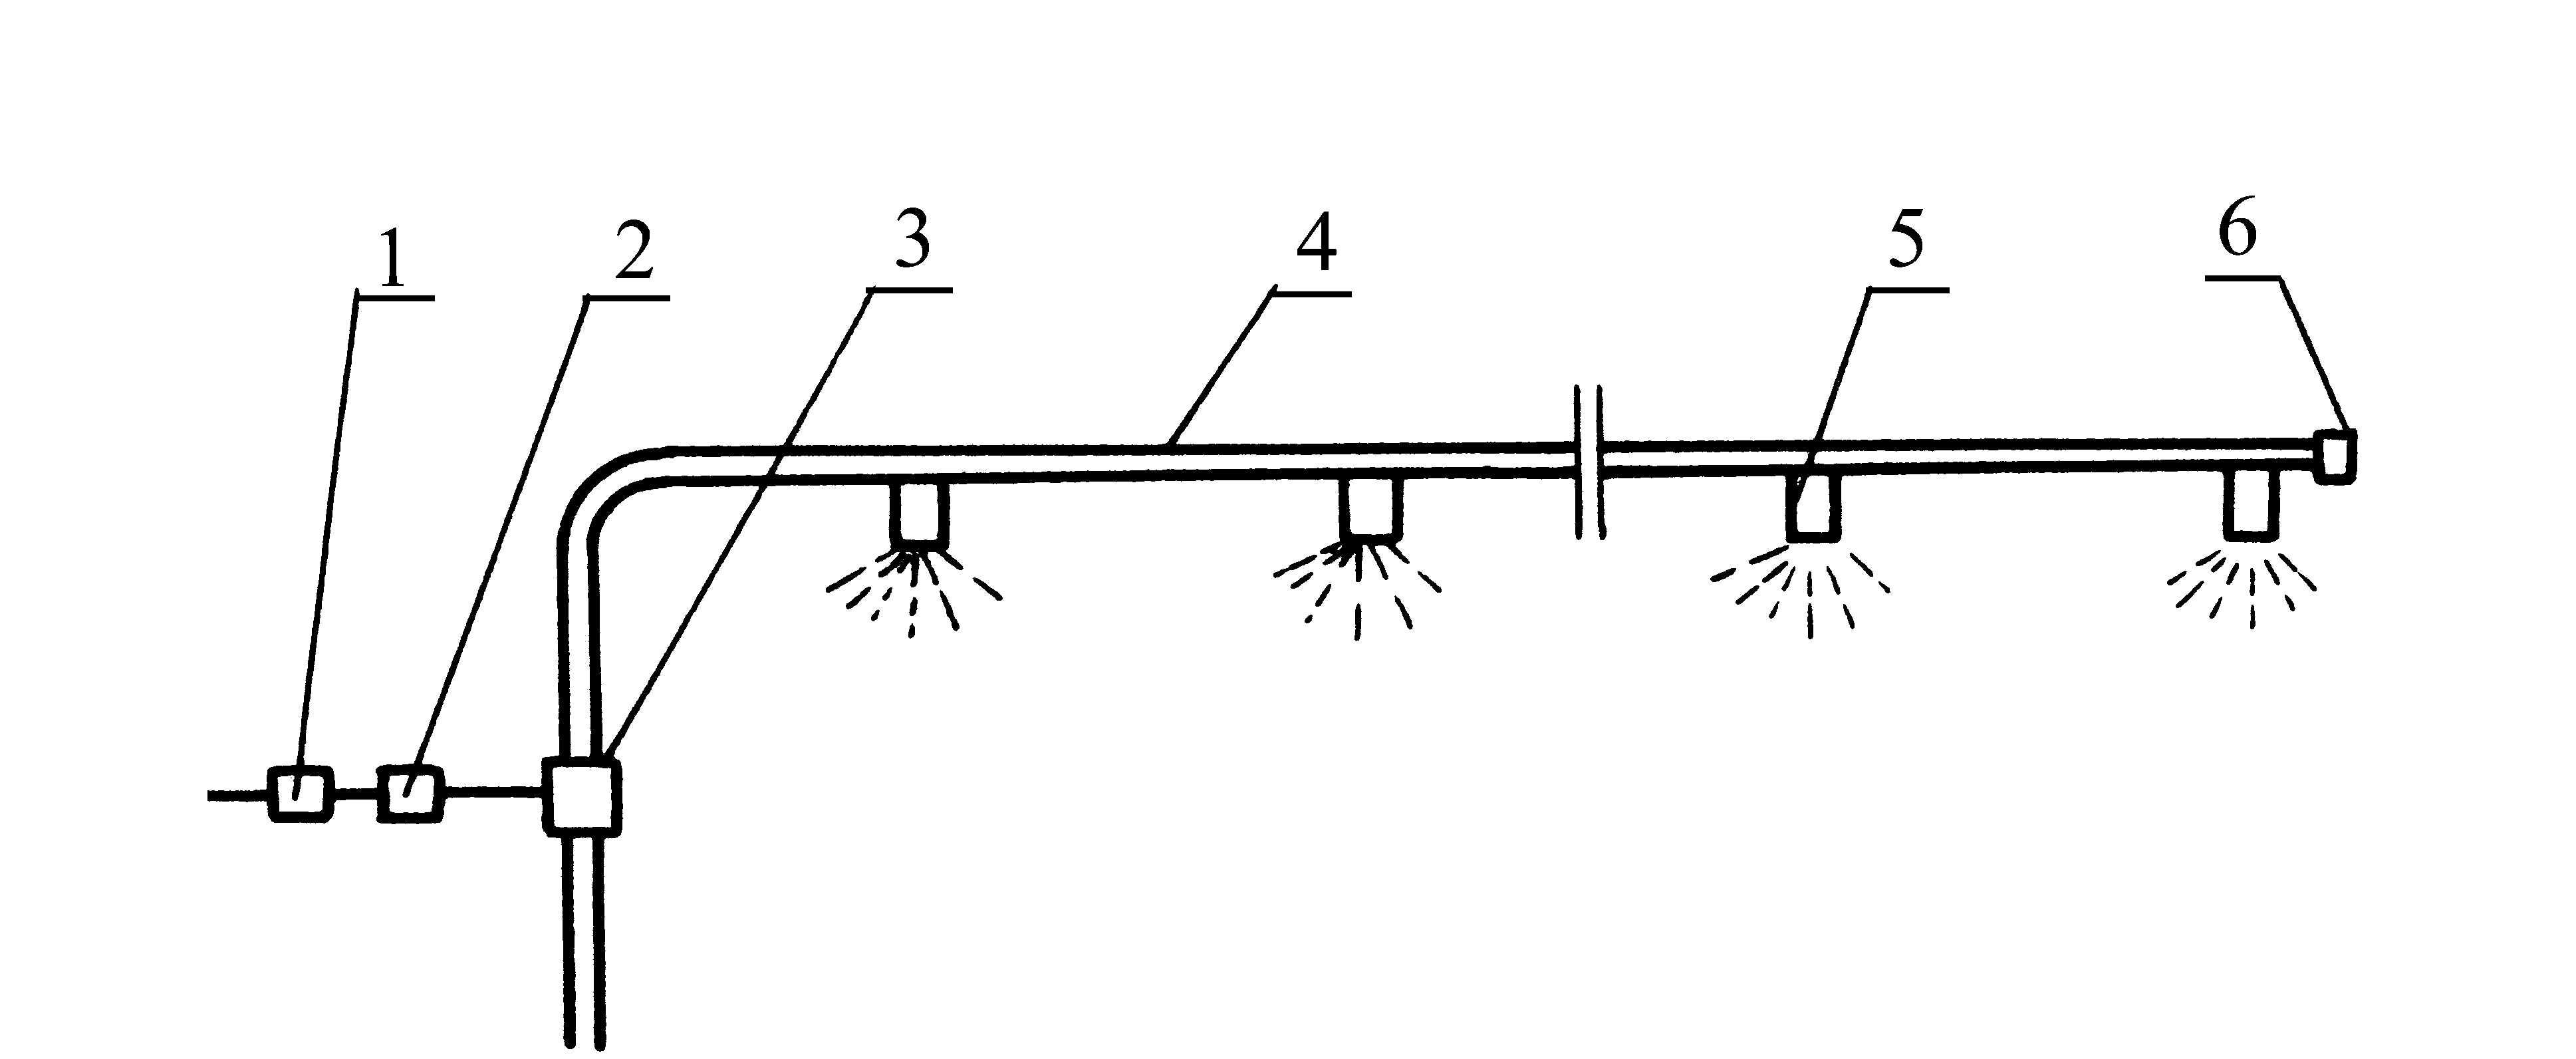 电磁水阀控制的喷淋降温系统示意图